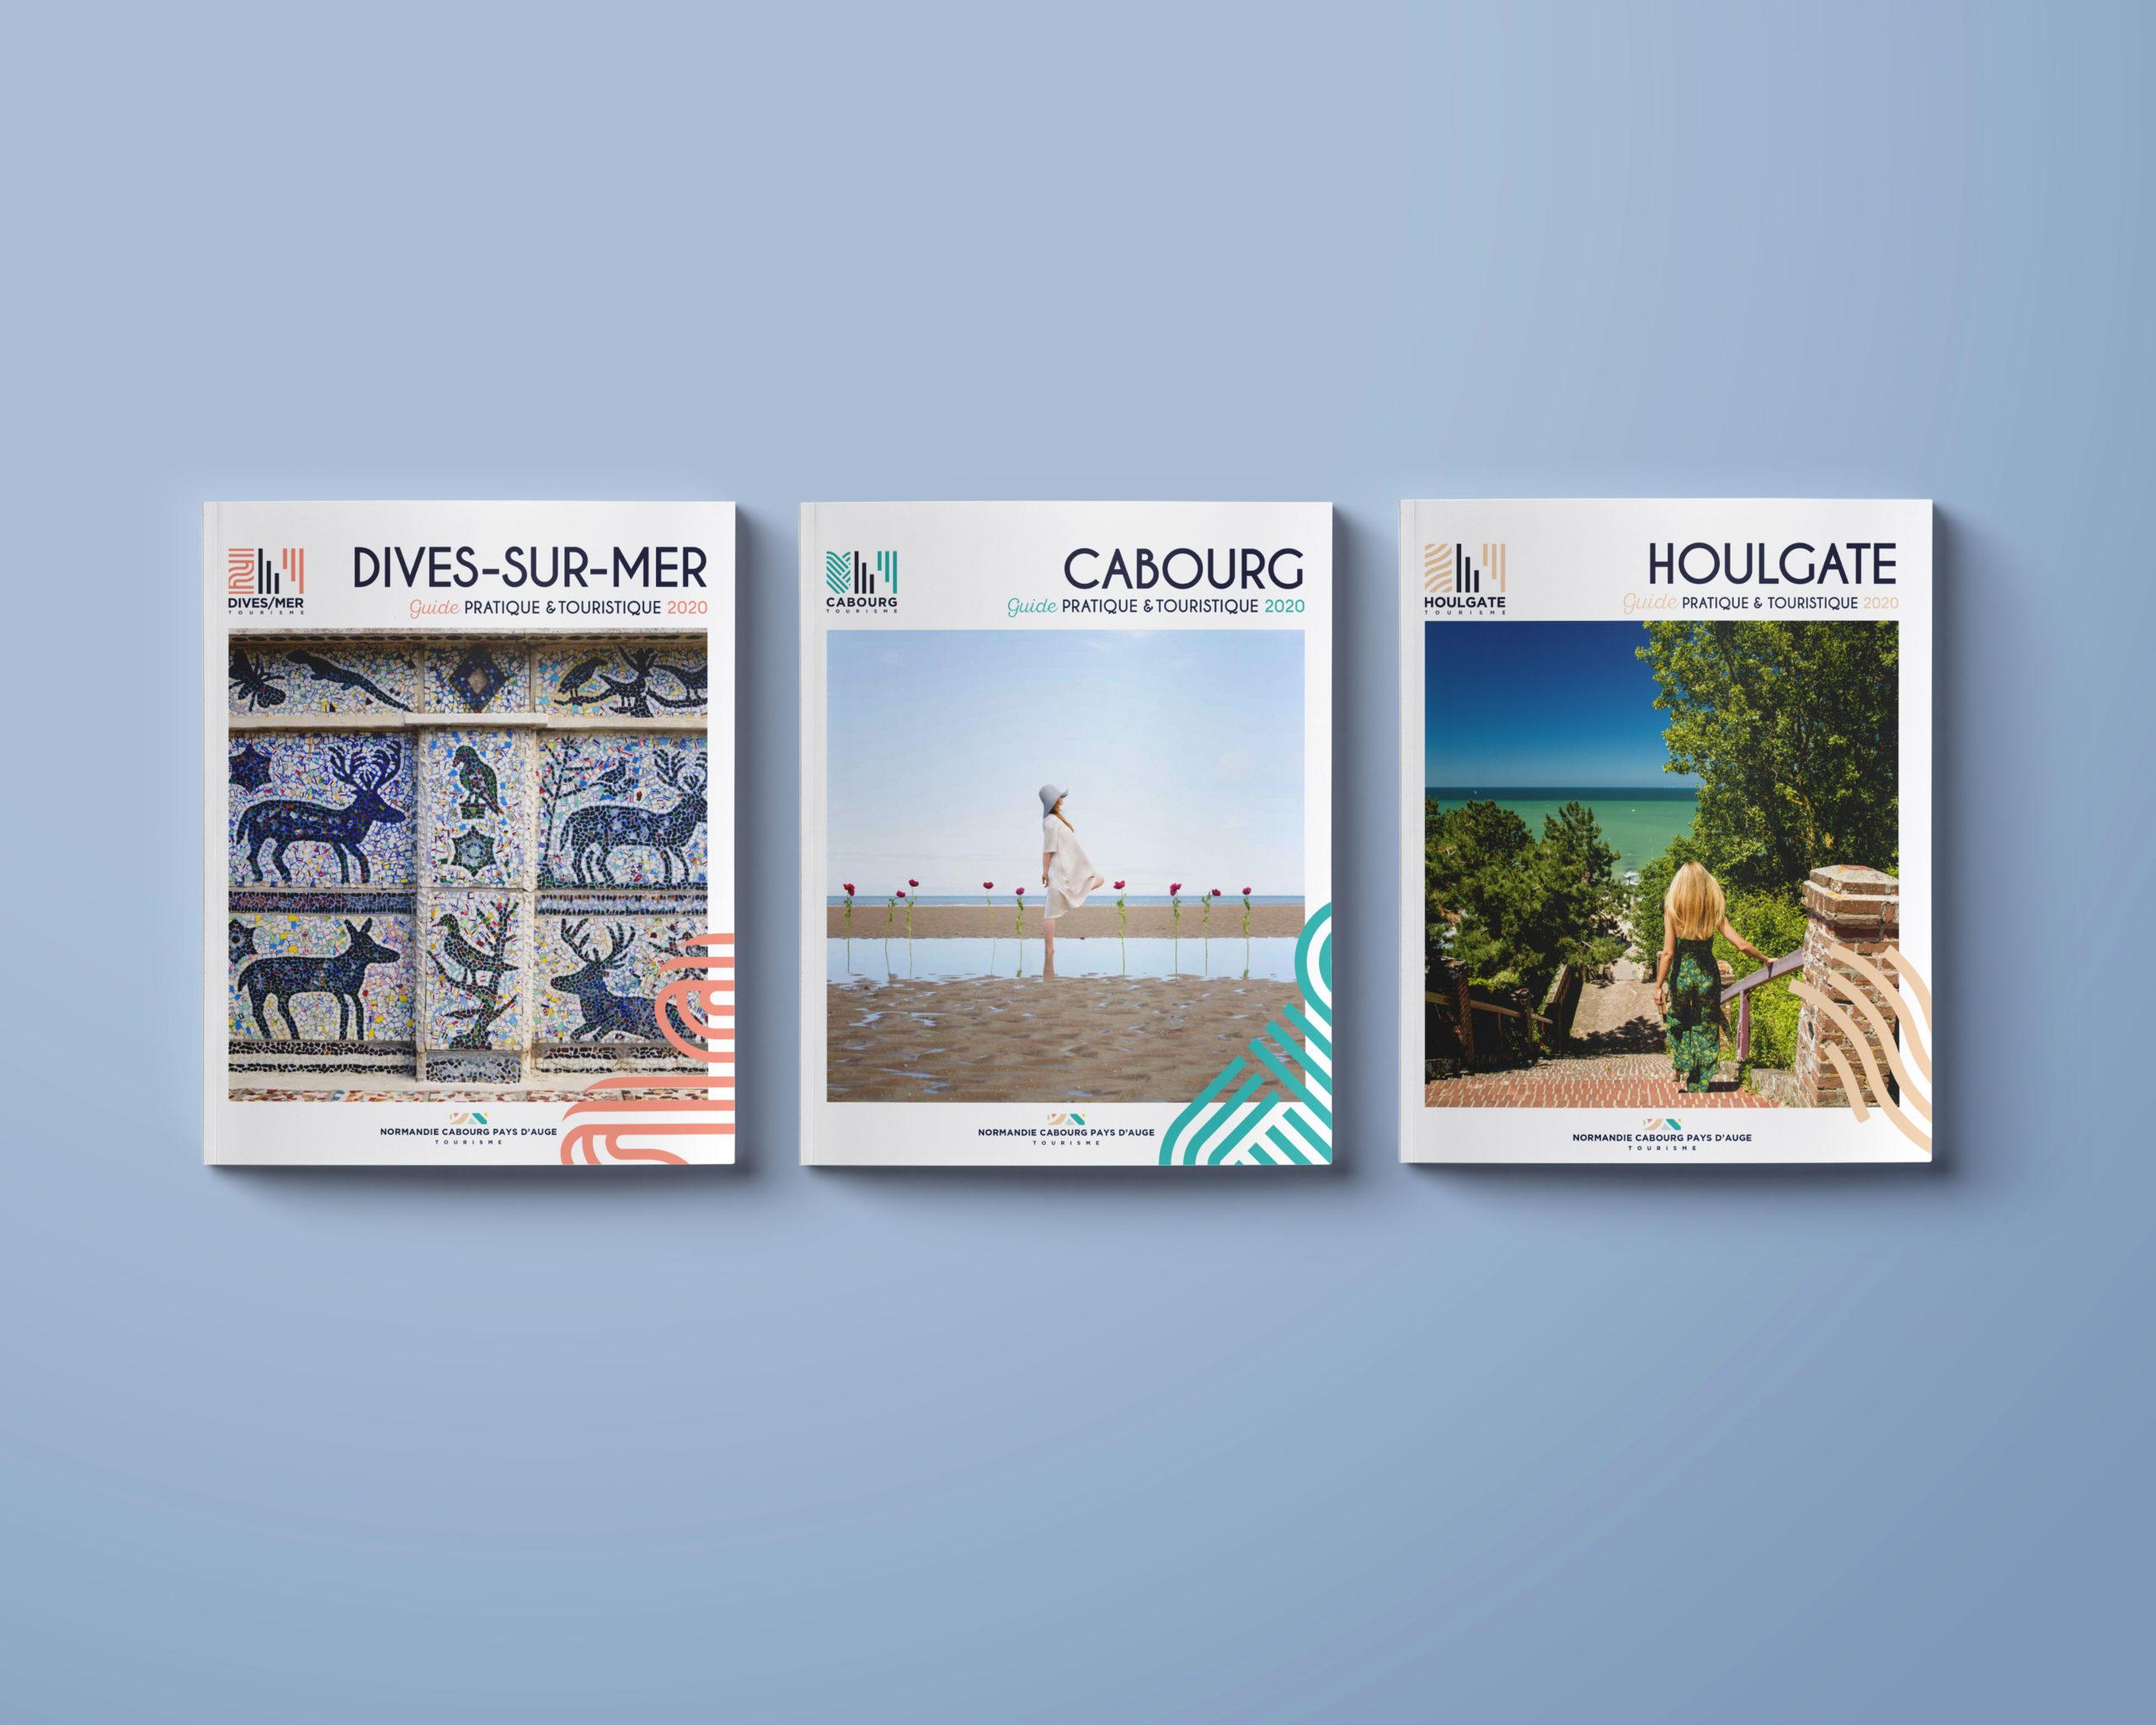 Guide pratique et touristique Cabourg